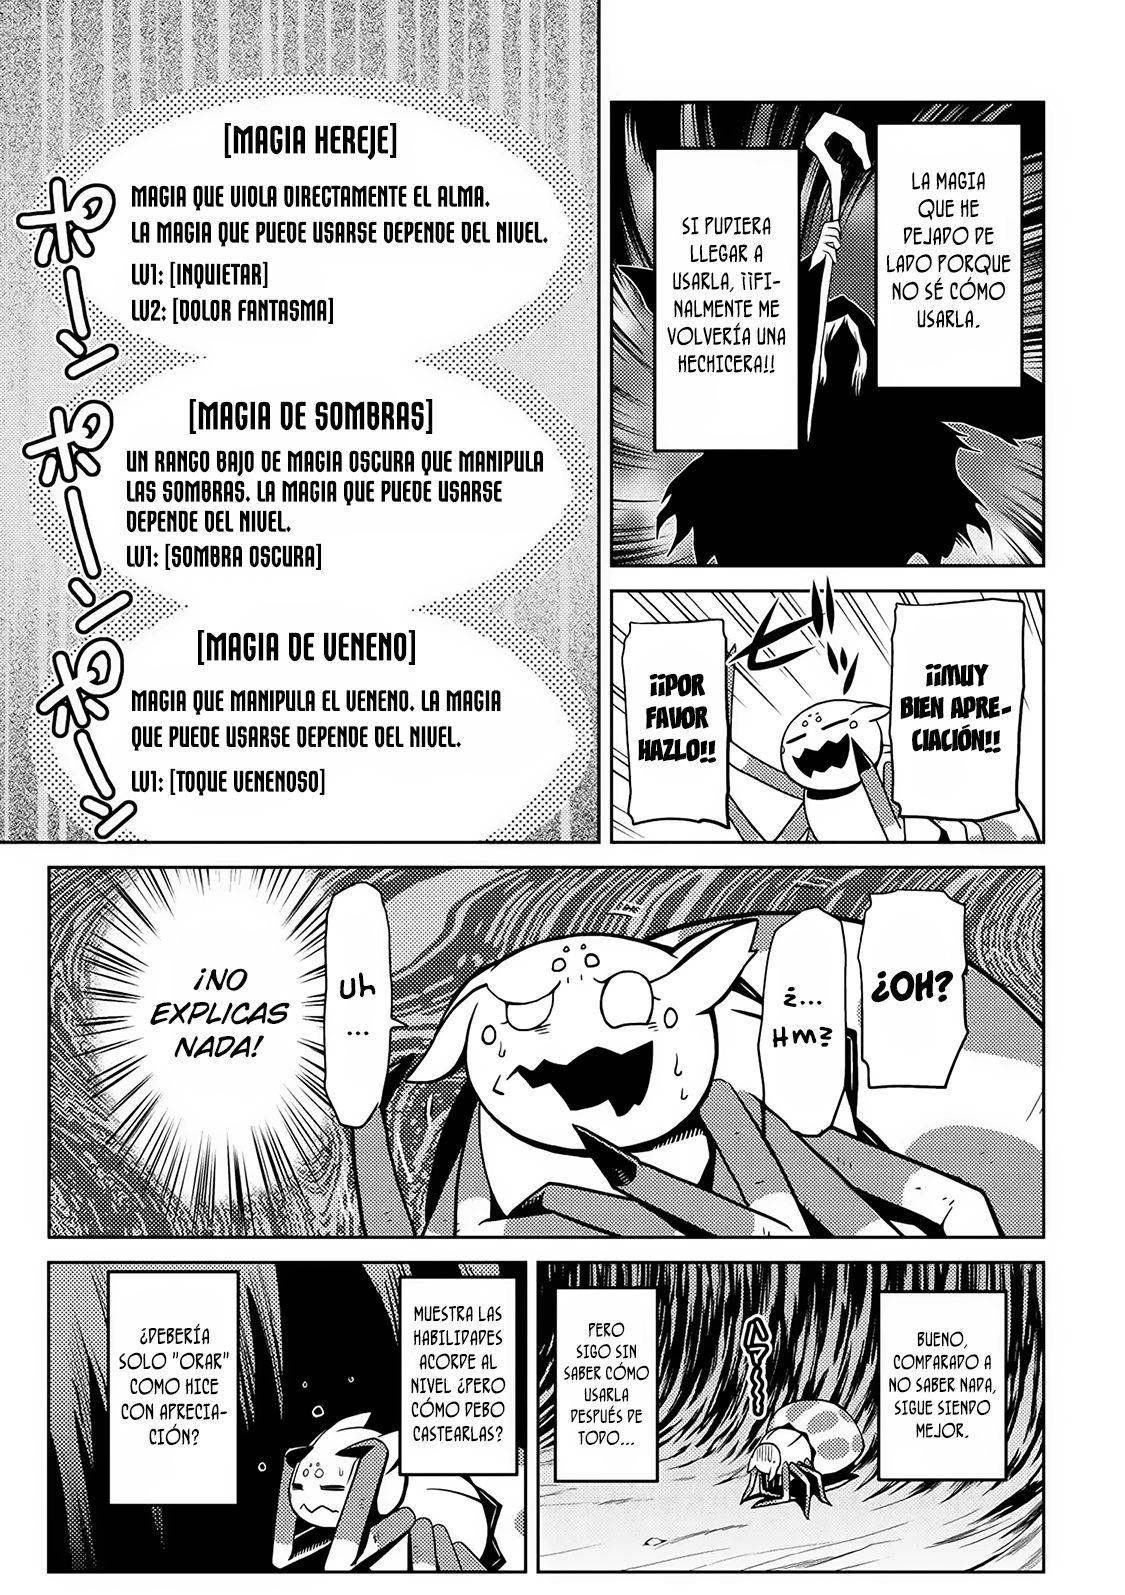 http://c5.ninemanga.com/es_manga/pic2/59/18683/515177/884494b91ef6f02bc131c86c880df790.jpg Page 10